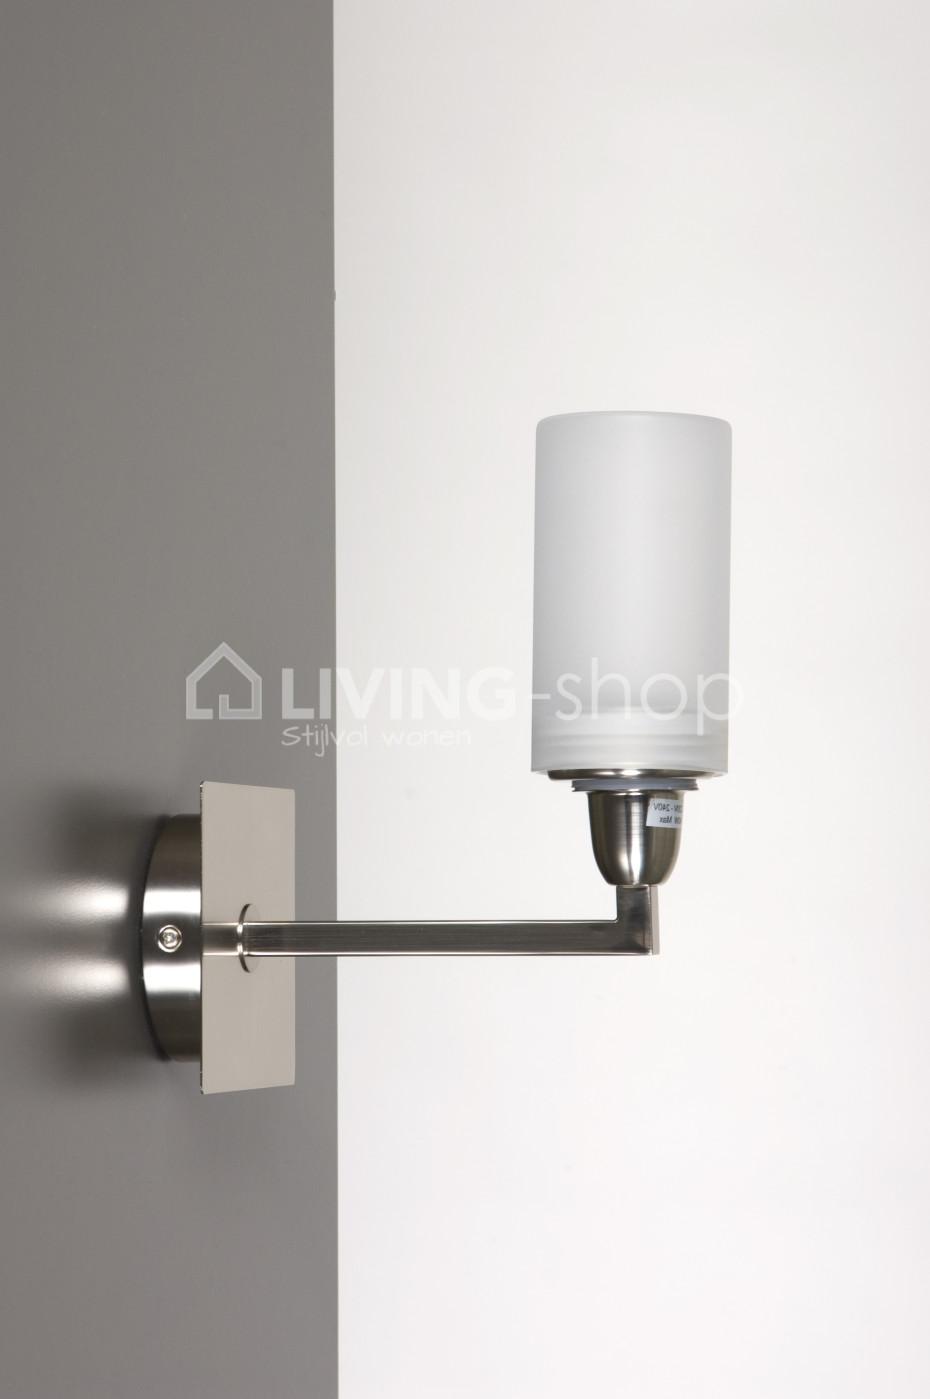 Landelijke stijl badkamer wandlampen, cottage badkamerlampen online !